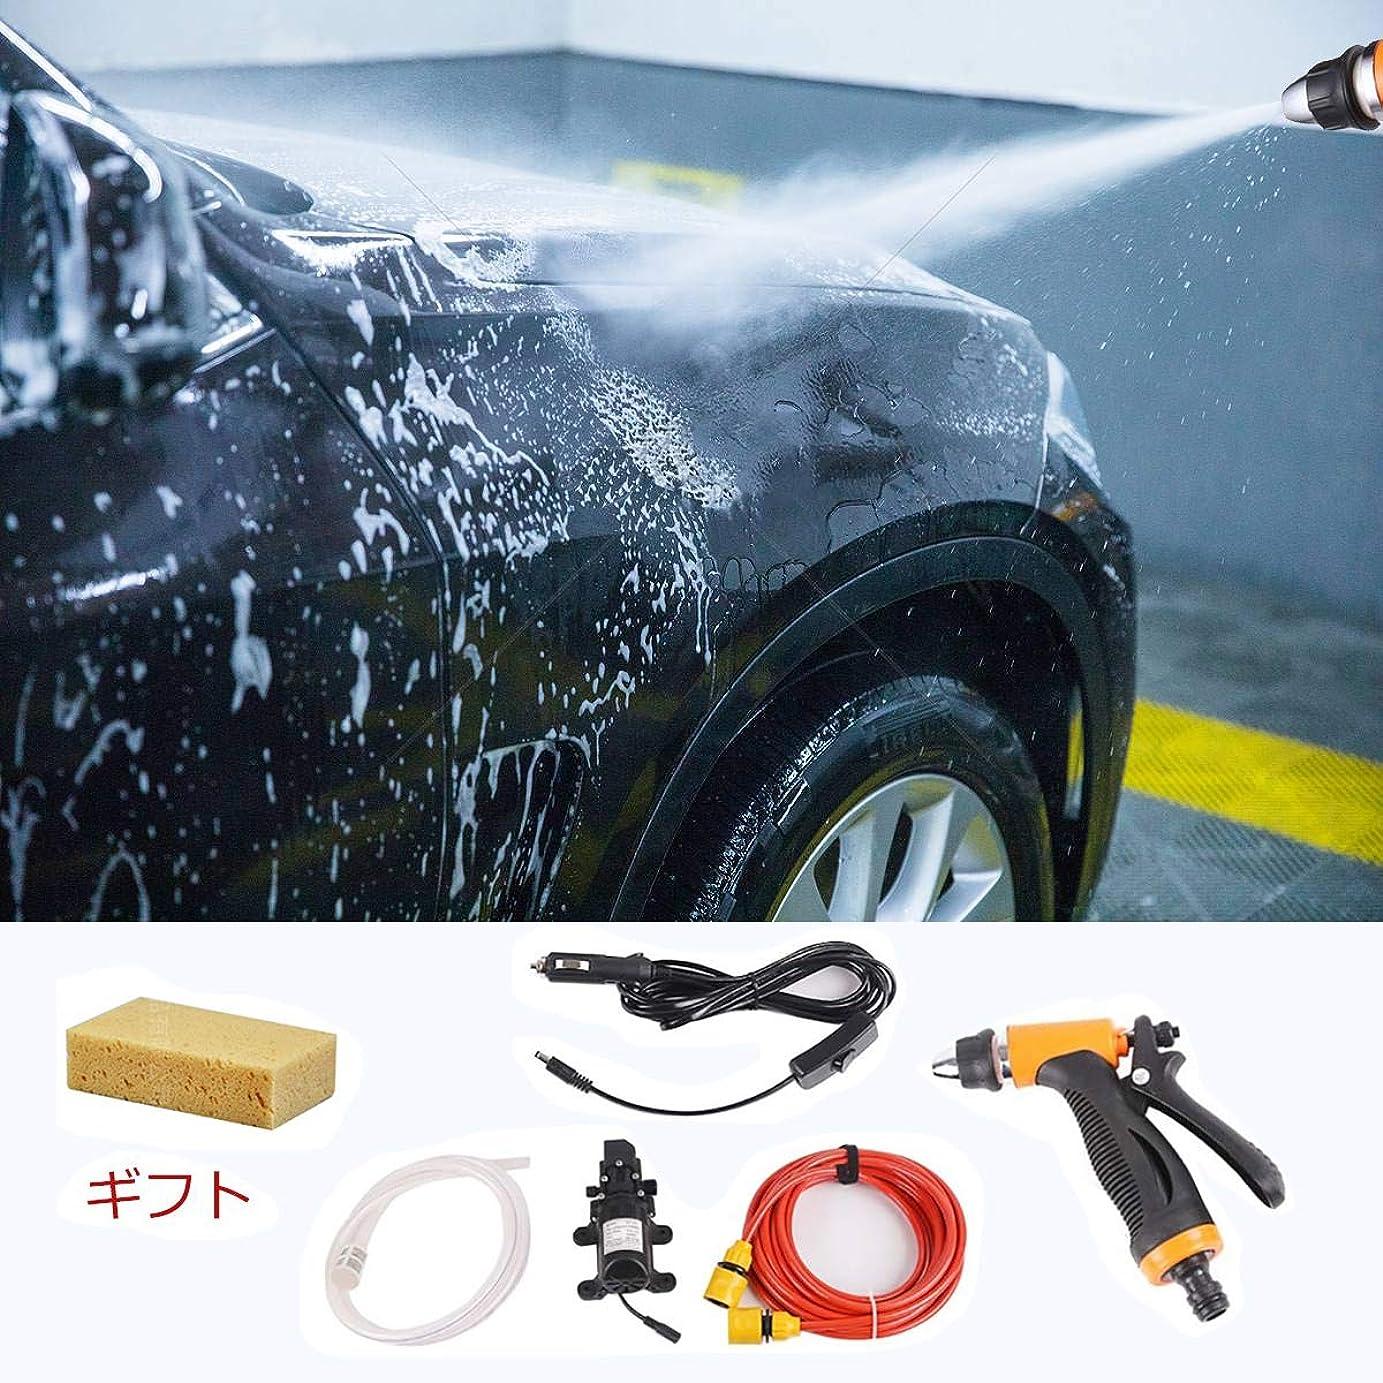 含める例外だらしない車用高圧洗浄機 - SEAMETAL 車用クリーナー 12V/65W シガーソケット接続式 知能制御 庭の散水 洗車フォームガン